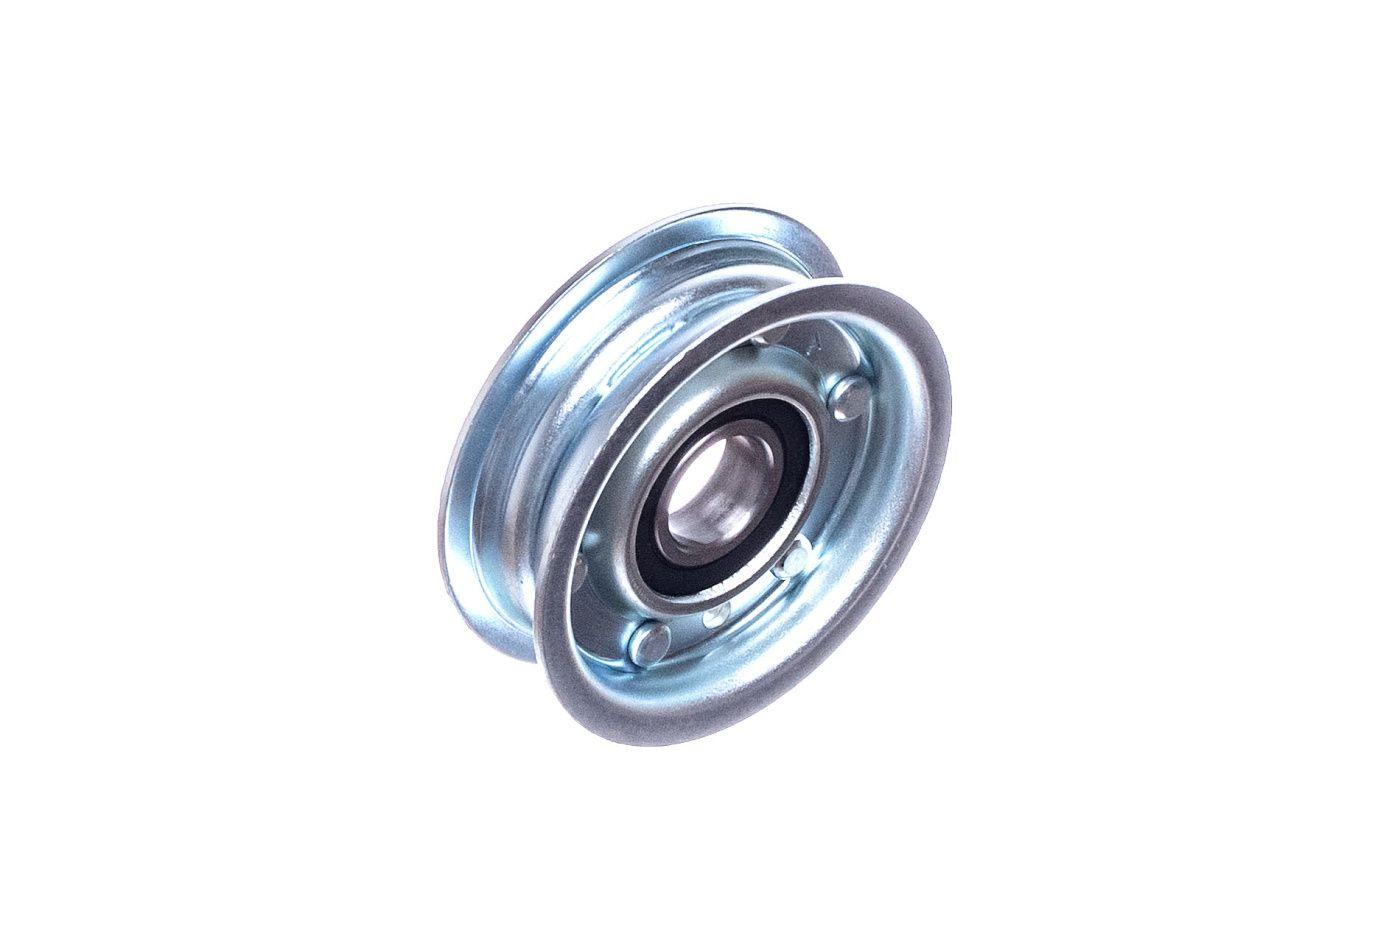 Napínacia kladka remeňa pojazdu pre CASTELGARDEN - kovová 125601576/0